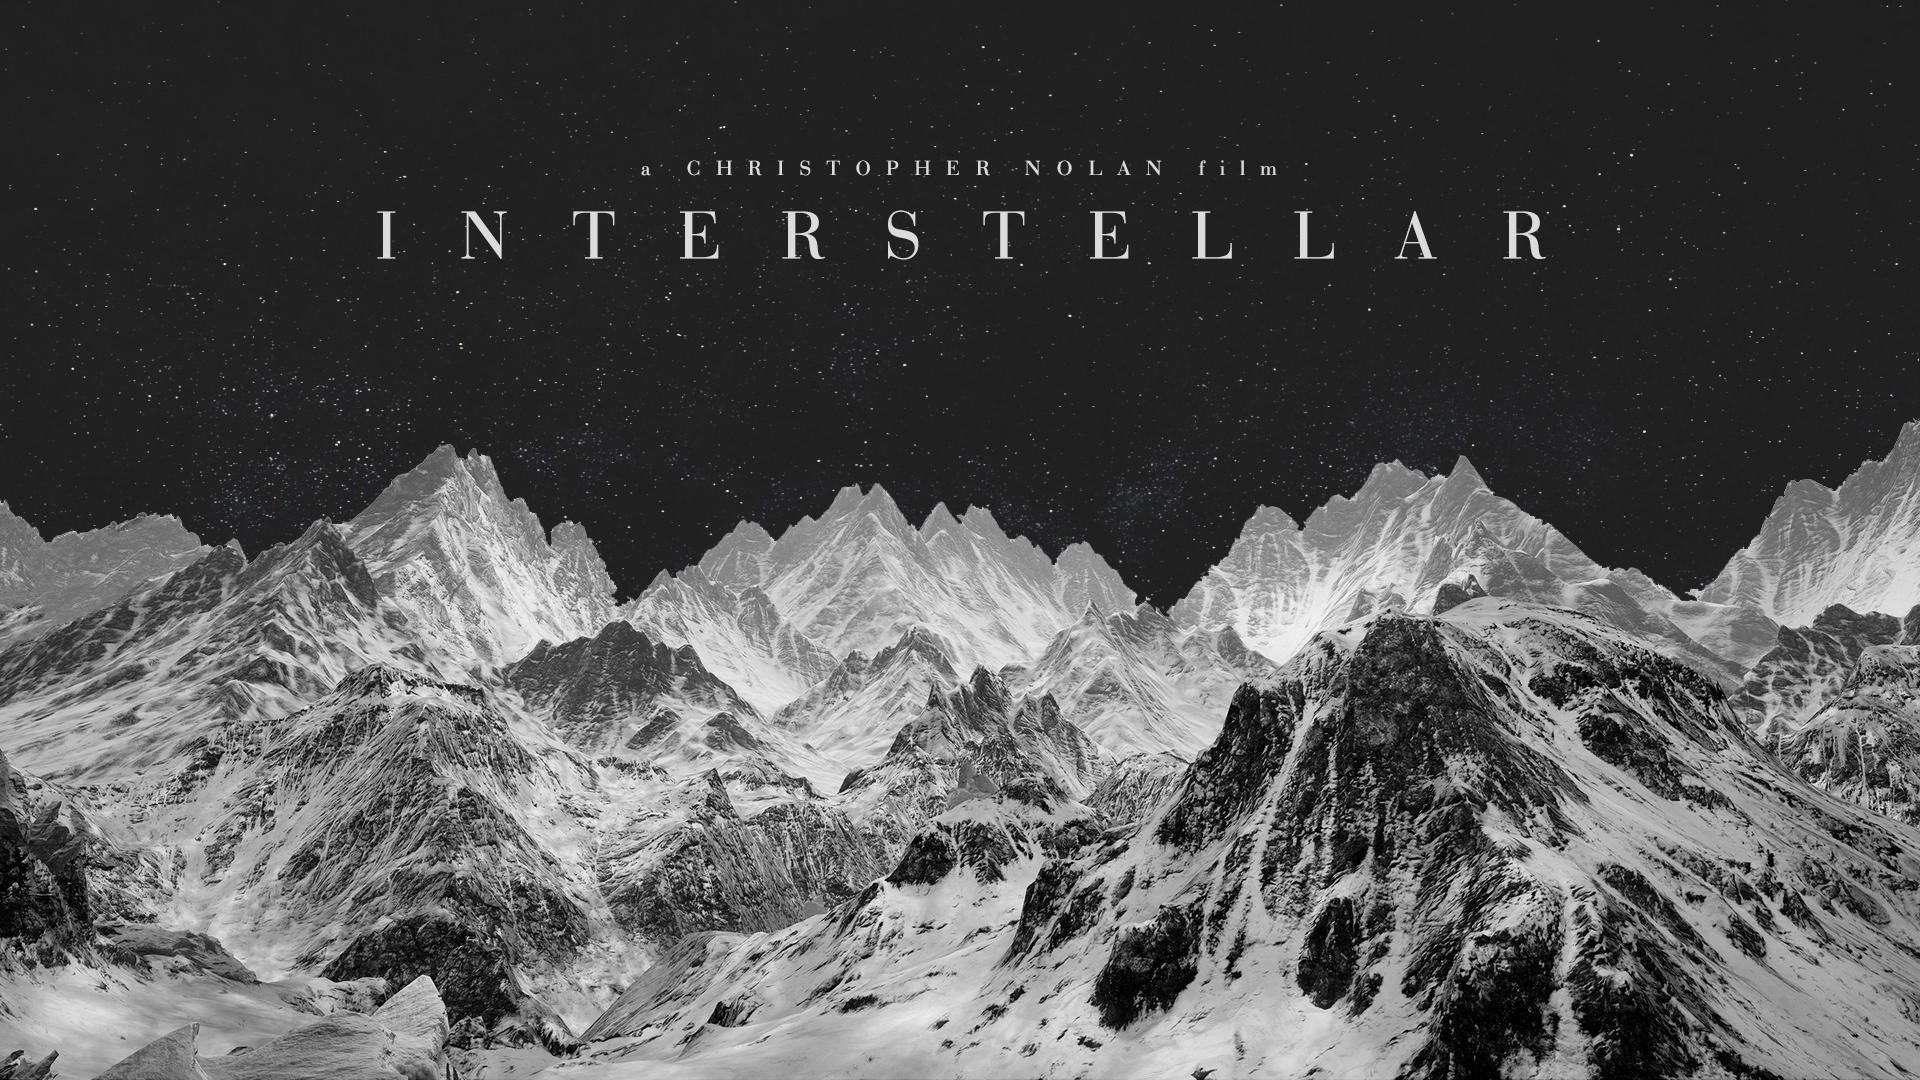 Fantastic Wallpaper Mountain Hollywood - monochrome-snow-movies-fan-art-Interstellar-movie-Hollywood-Christopher-Nolan-mountain-black-and-white-monochrome-photography-mountainous-landforms-geological-phenomenon-mountain-range-204072  2018_58713.jpg